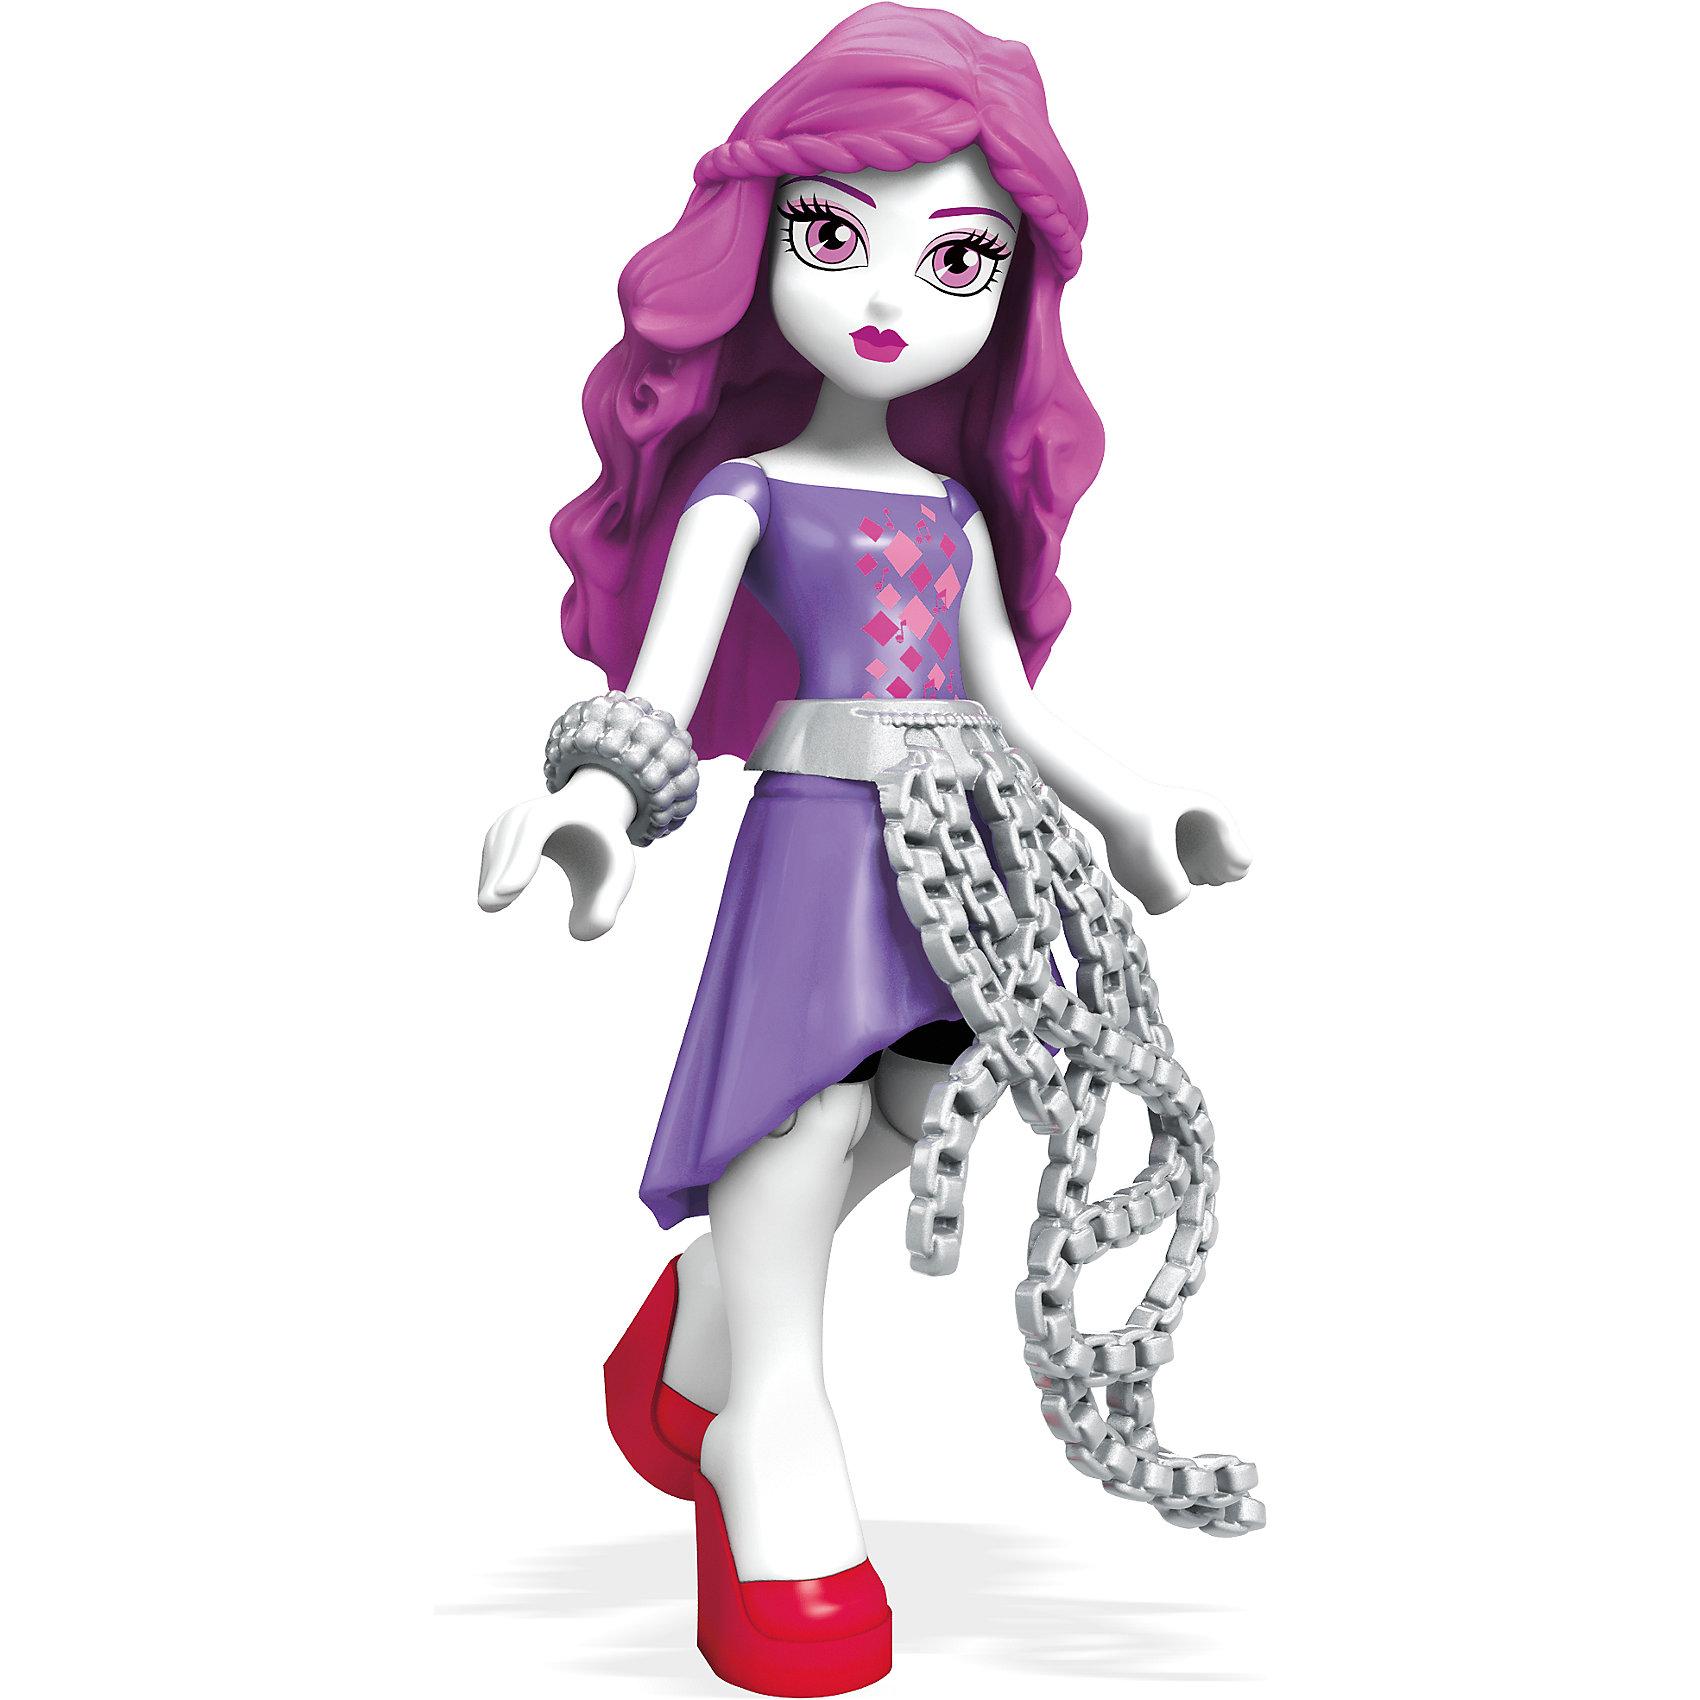 Мини-кукла Mega Bloks Monster High Ари Хантингтон, 12,5 смMonster High<br><br><br>Ширина мм: 125<br>Глубина мм: 85<br>Высота мм: 25<br>Вес г: 17<br>Возраст от месяцев: 72<br>Возраст до месяцев: 144<br>Пол: Женский<br>Возраст: Детский<br>SKU: 5559842